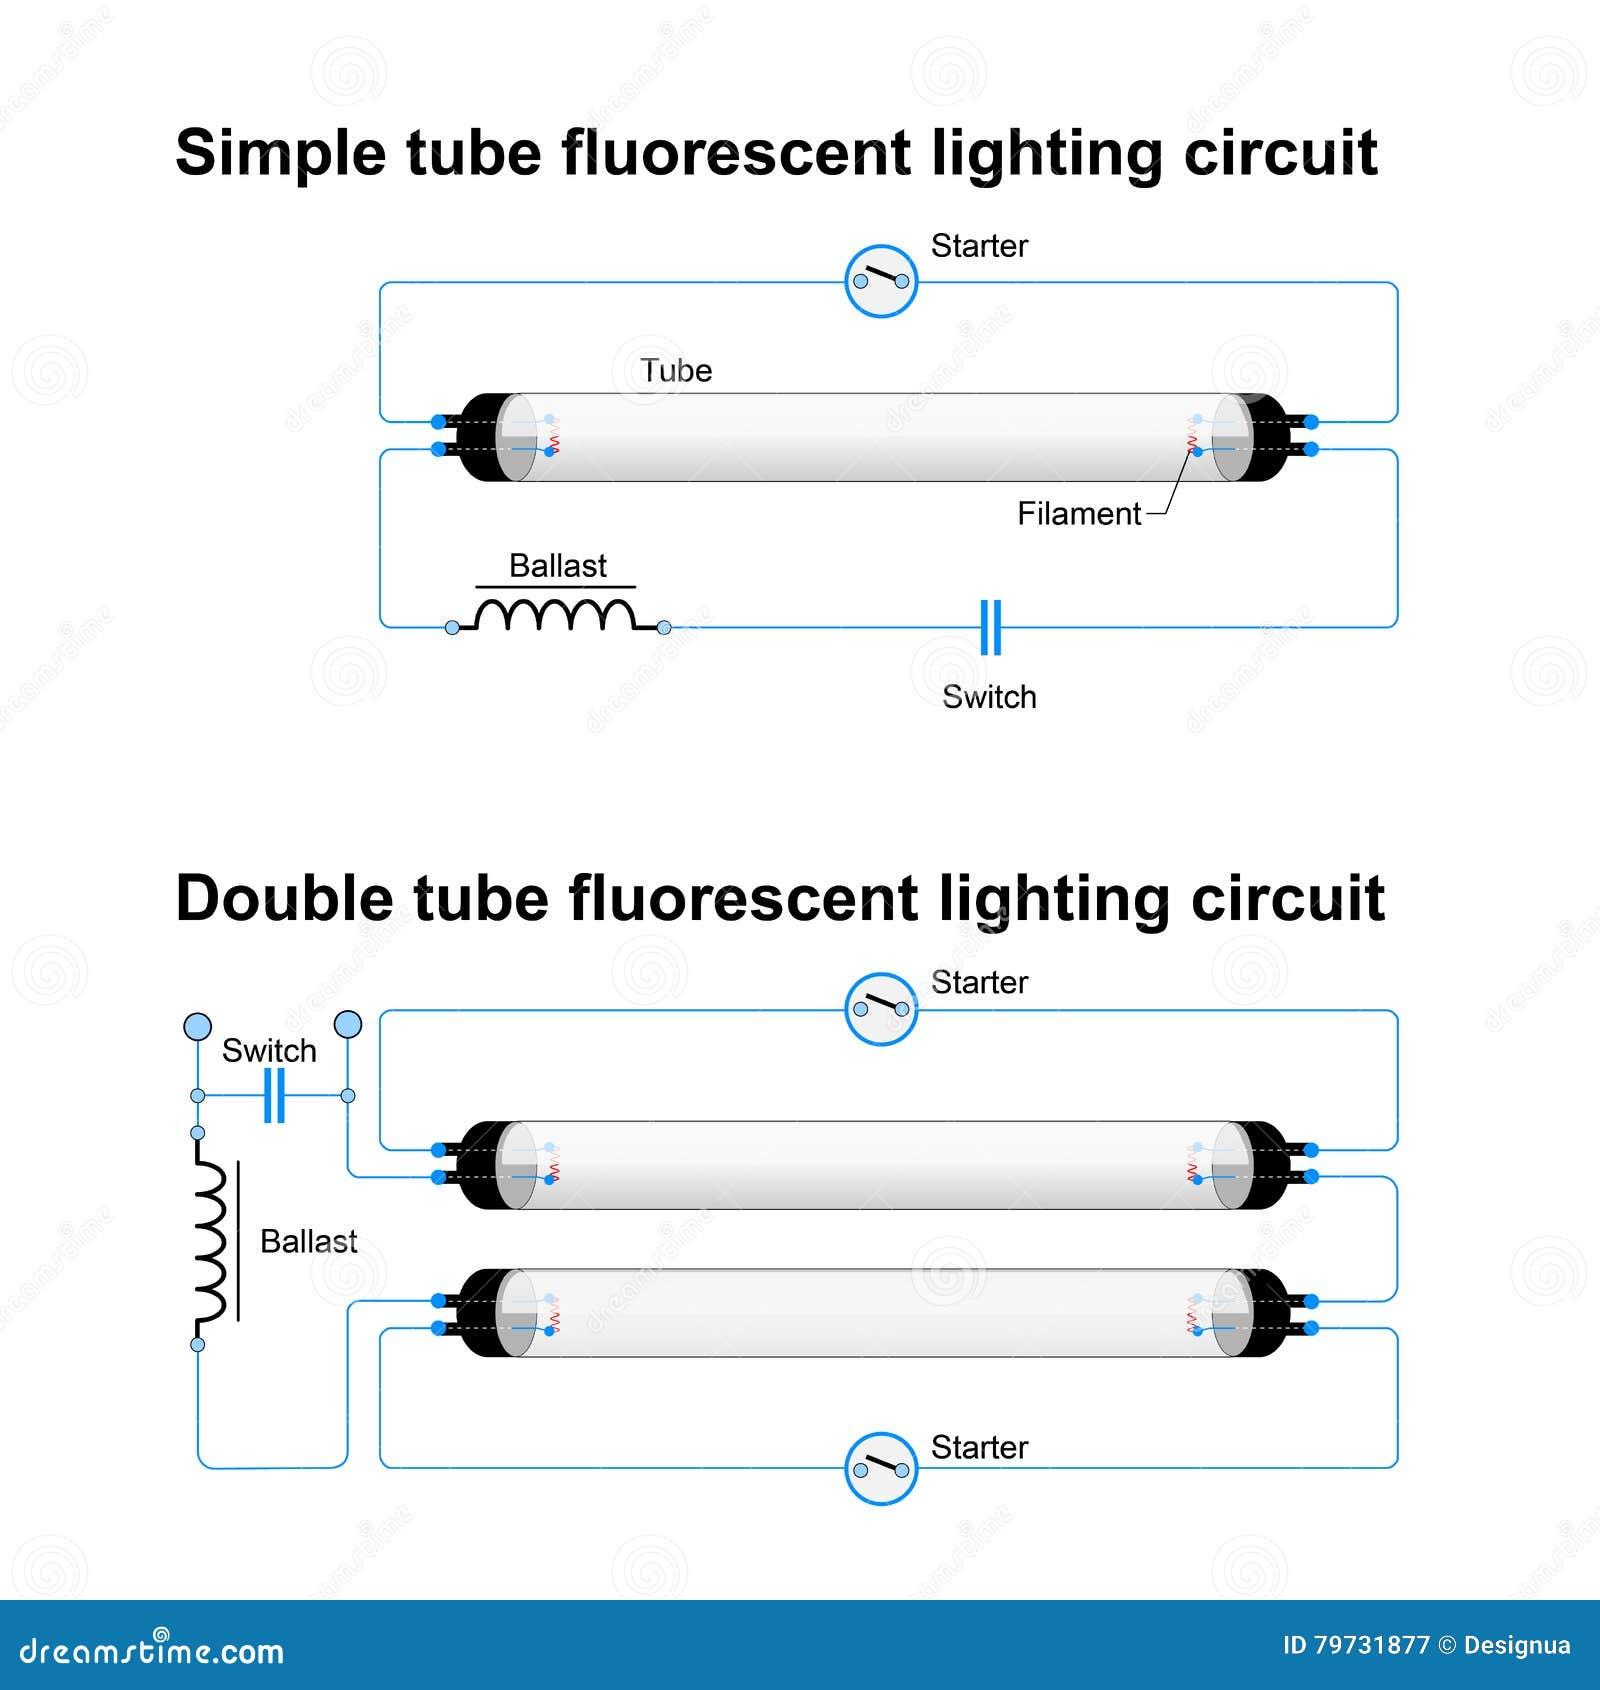 t8 fluorescent light wire diagram circuito de iluminaci  n fluorescente solo y doble del tubo  circuito de iluminaci  n fluorescente solo y doble del tubo